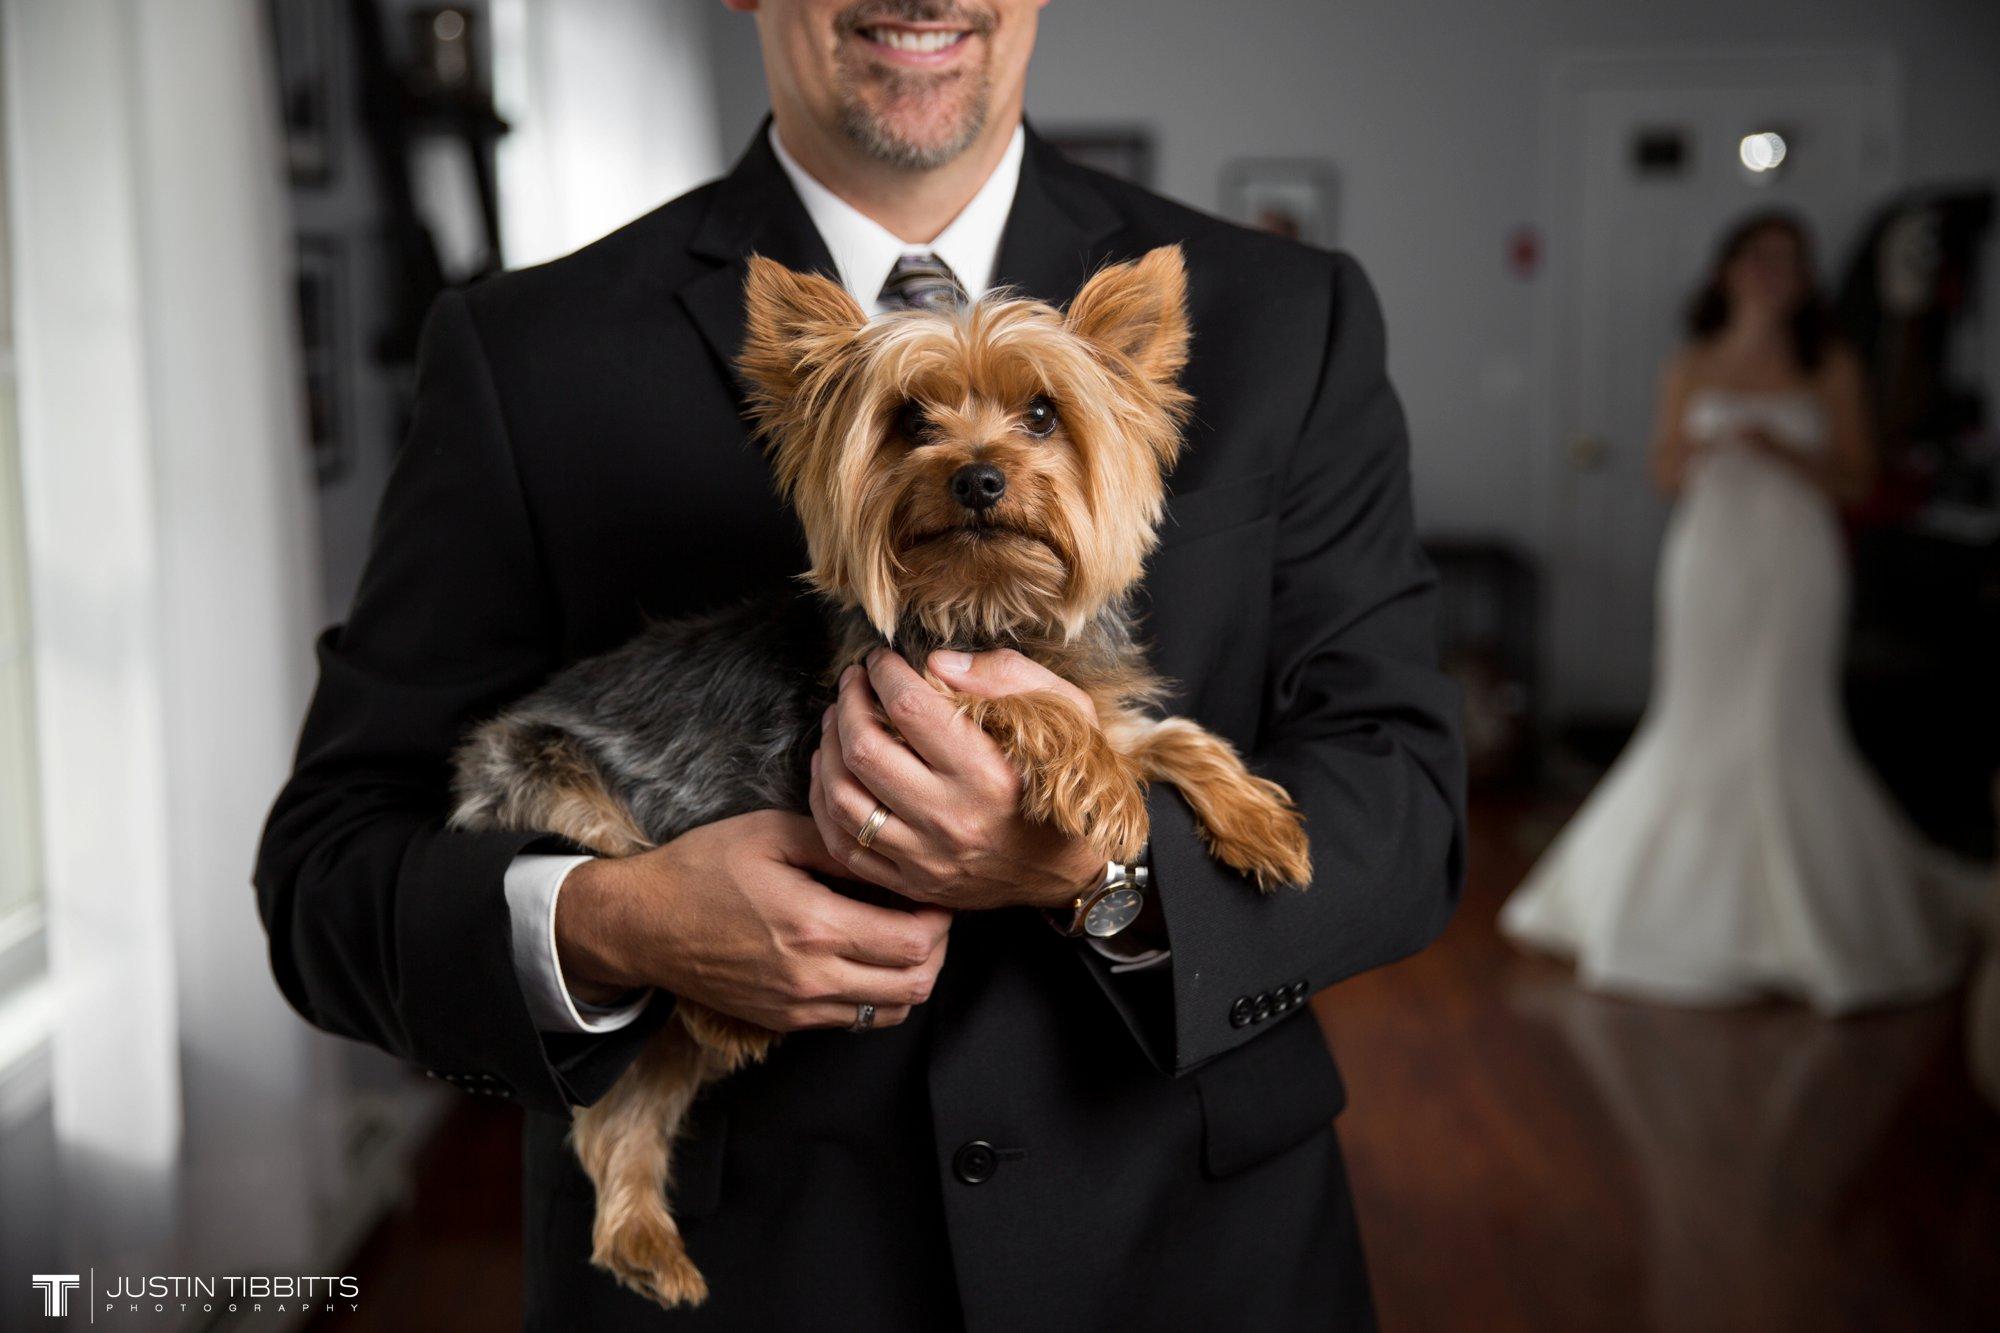 Albany NY Wedding Photographer Justin Tibbitts Photography 2014 Best of Albany NY Weddings-296143